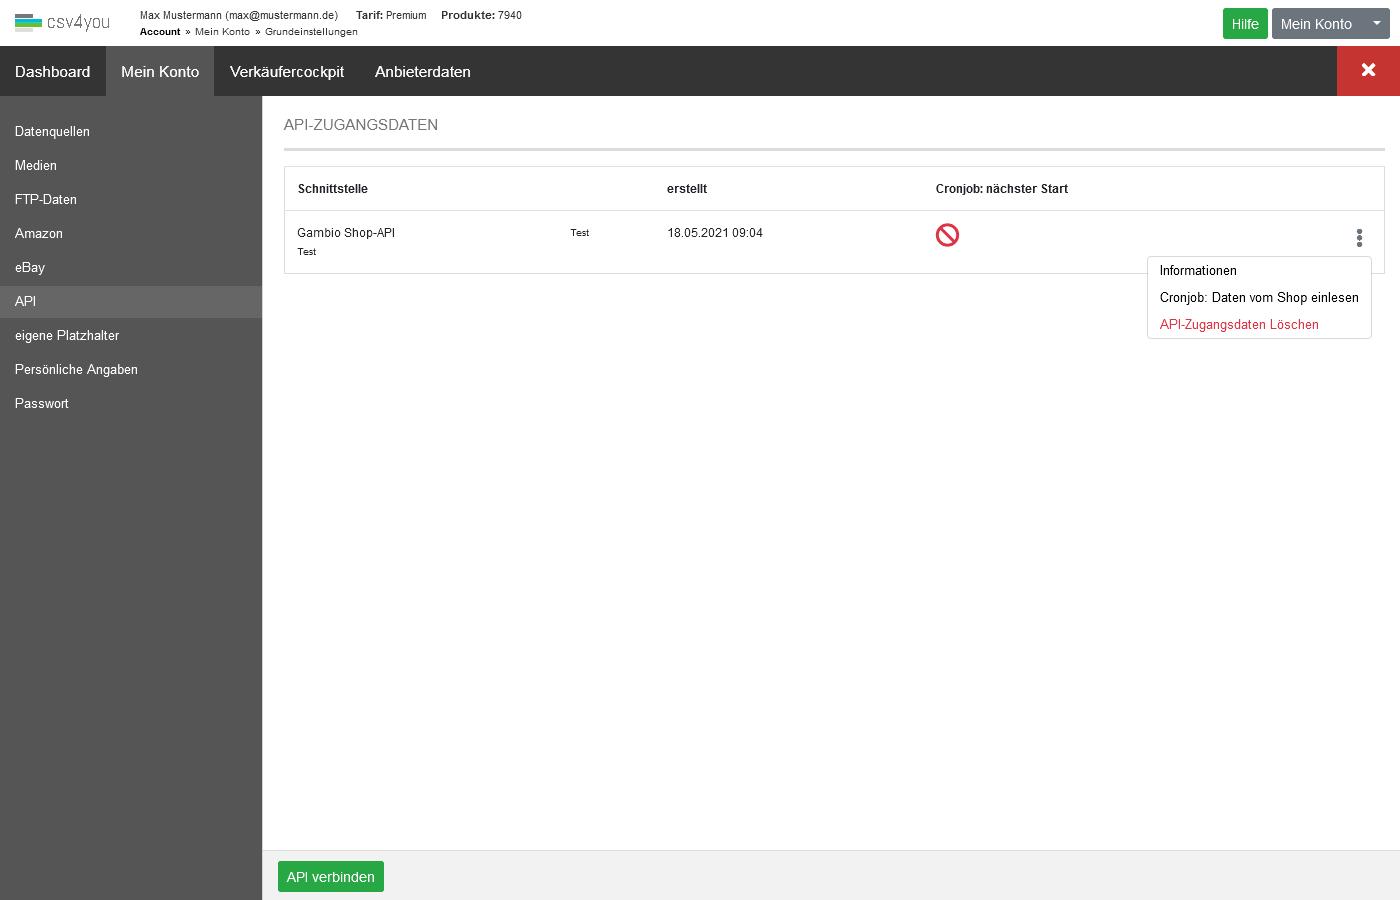 API - aktuelle API-Listings abrufen - Aktuelle API-Listings einlesen